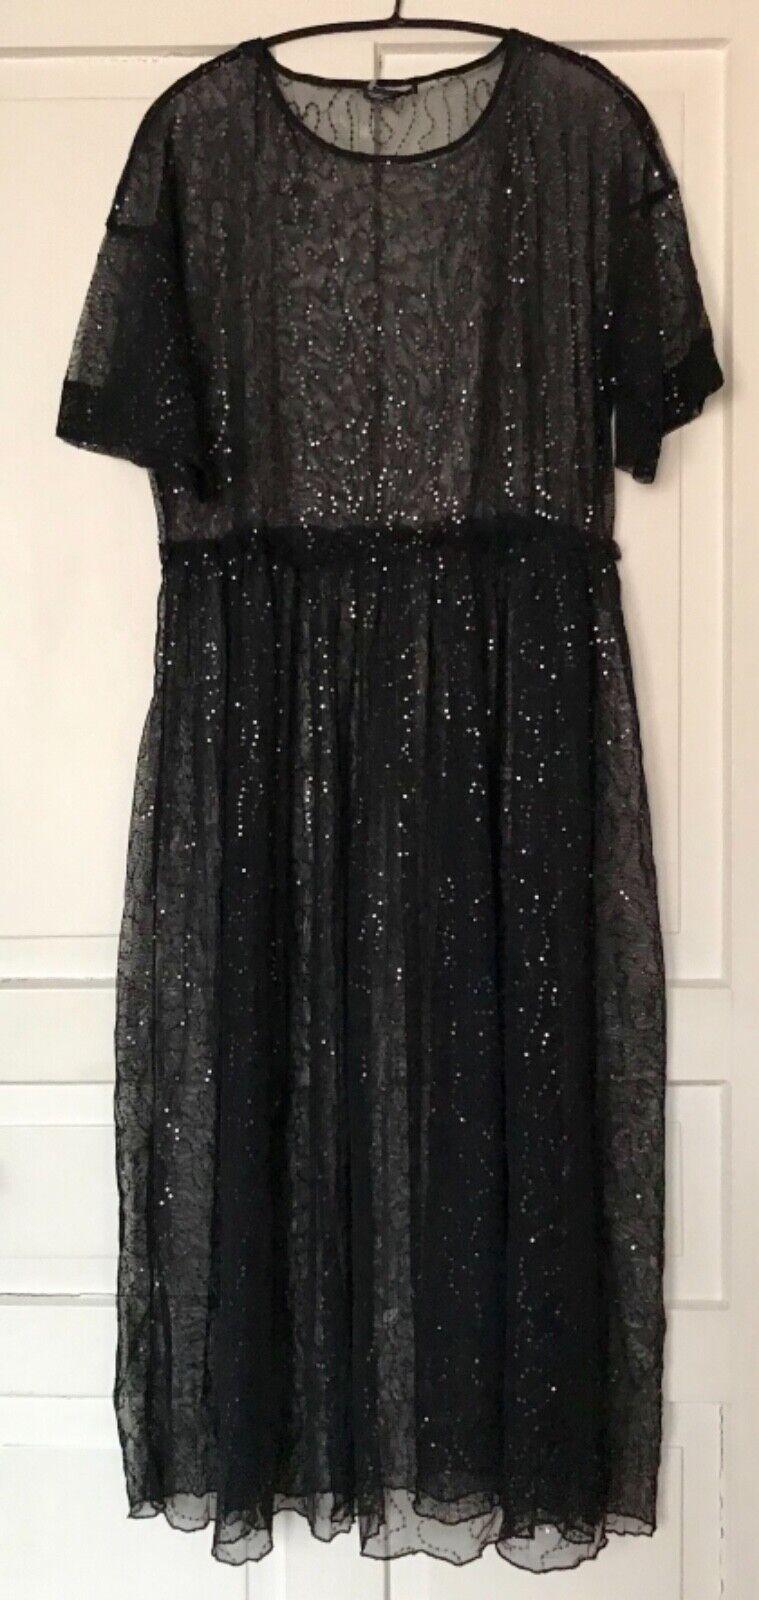 ZARA Tüll Maxikleid Pailletten Kleid Überkleid OverGröße durchsichtig Schwarz Neu